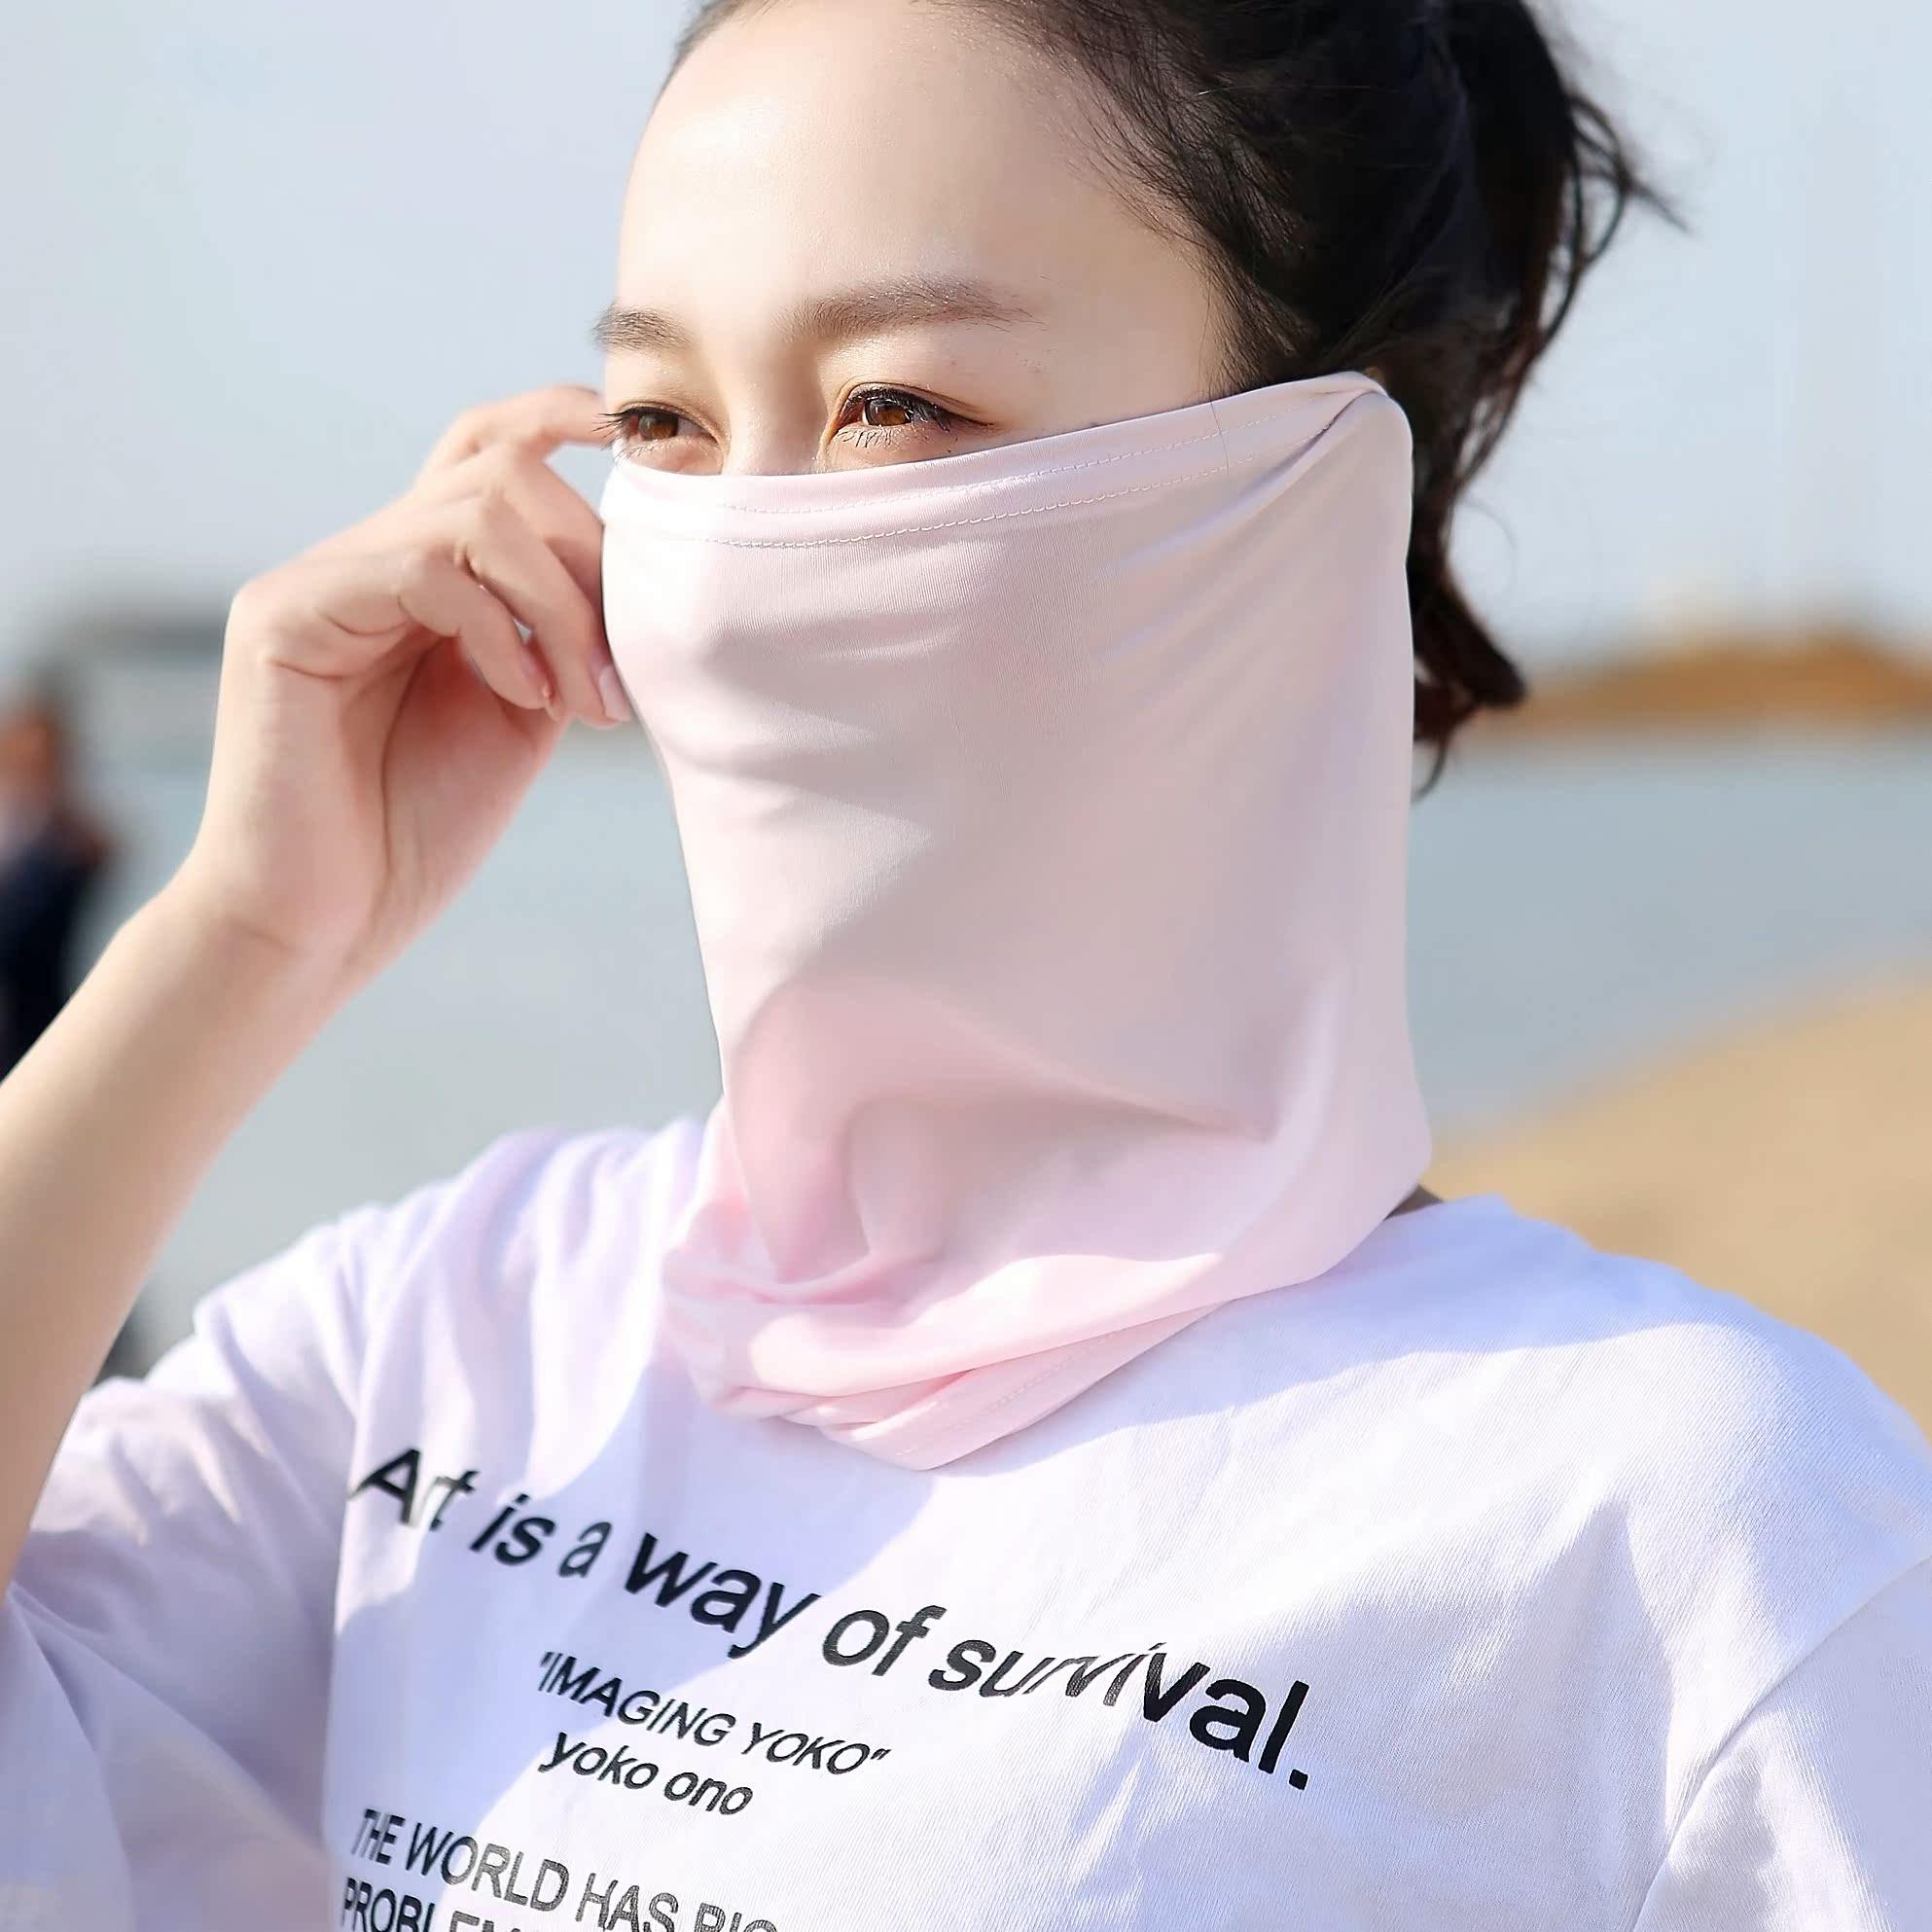 Ngoài trời khăn trùm đầu thay đổi kem chống nắng nam giới và phụ nữ mùa hè băng lụa phần mỏng ma thuật khăn tai che mặt cưỡi cá mặt nạ